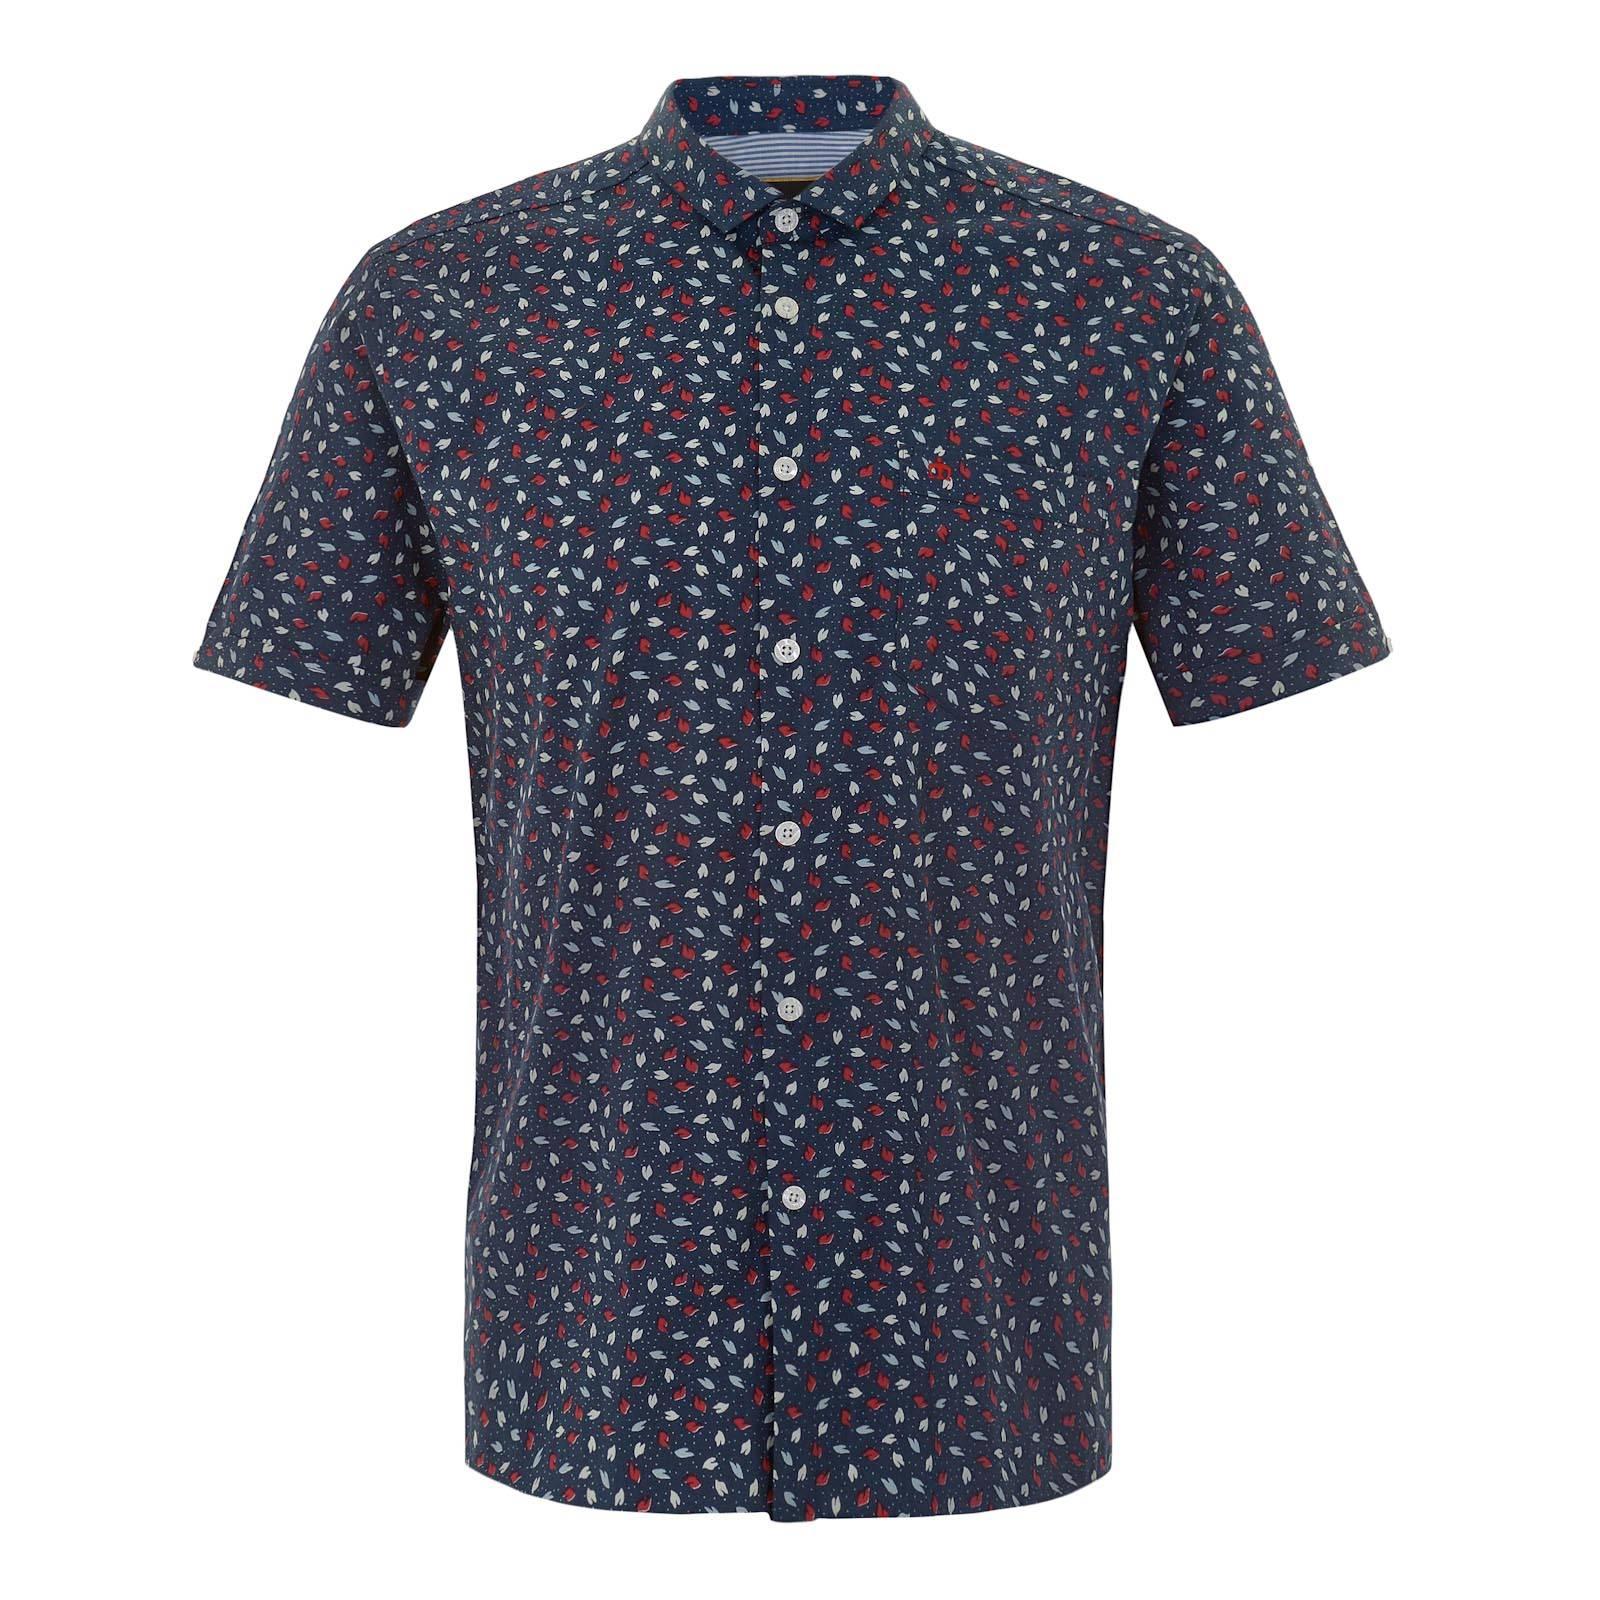 Рубашка OrmondРубашки<br>Приталенная мужская рубашка с насыщенным узором из разноцветных листьев, символизирующим пестроту красок весеннее-летнего сезона. Произведенная из традиционной рубашечной ткани поплин, эта сорочка отлично впишется в расслабленную атмосферу выходного дня за коктейлем на открытой веранде, в то же время придавая непринужденному луку элегантный и ухоженный вид. Брендирована фирменным логотипом Корона, вышитым на незаметном нагрудном кармане слева.<br><br>Артикул: 1515105<br>Материал: 100% хлопок<br>Цвет: синий<br>Пол: Мужской